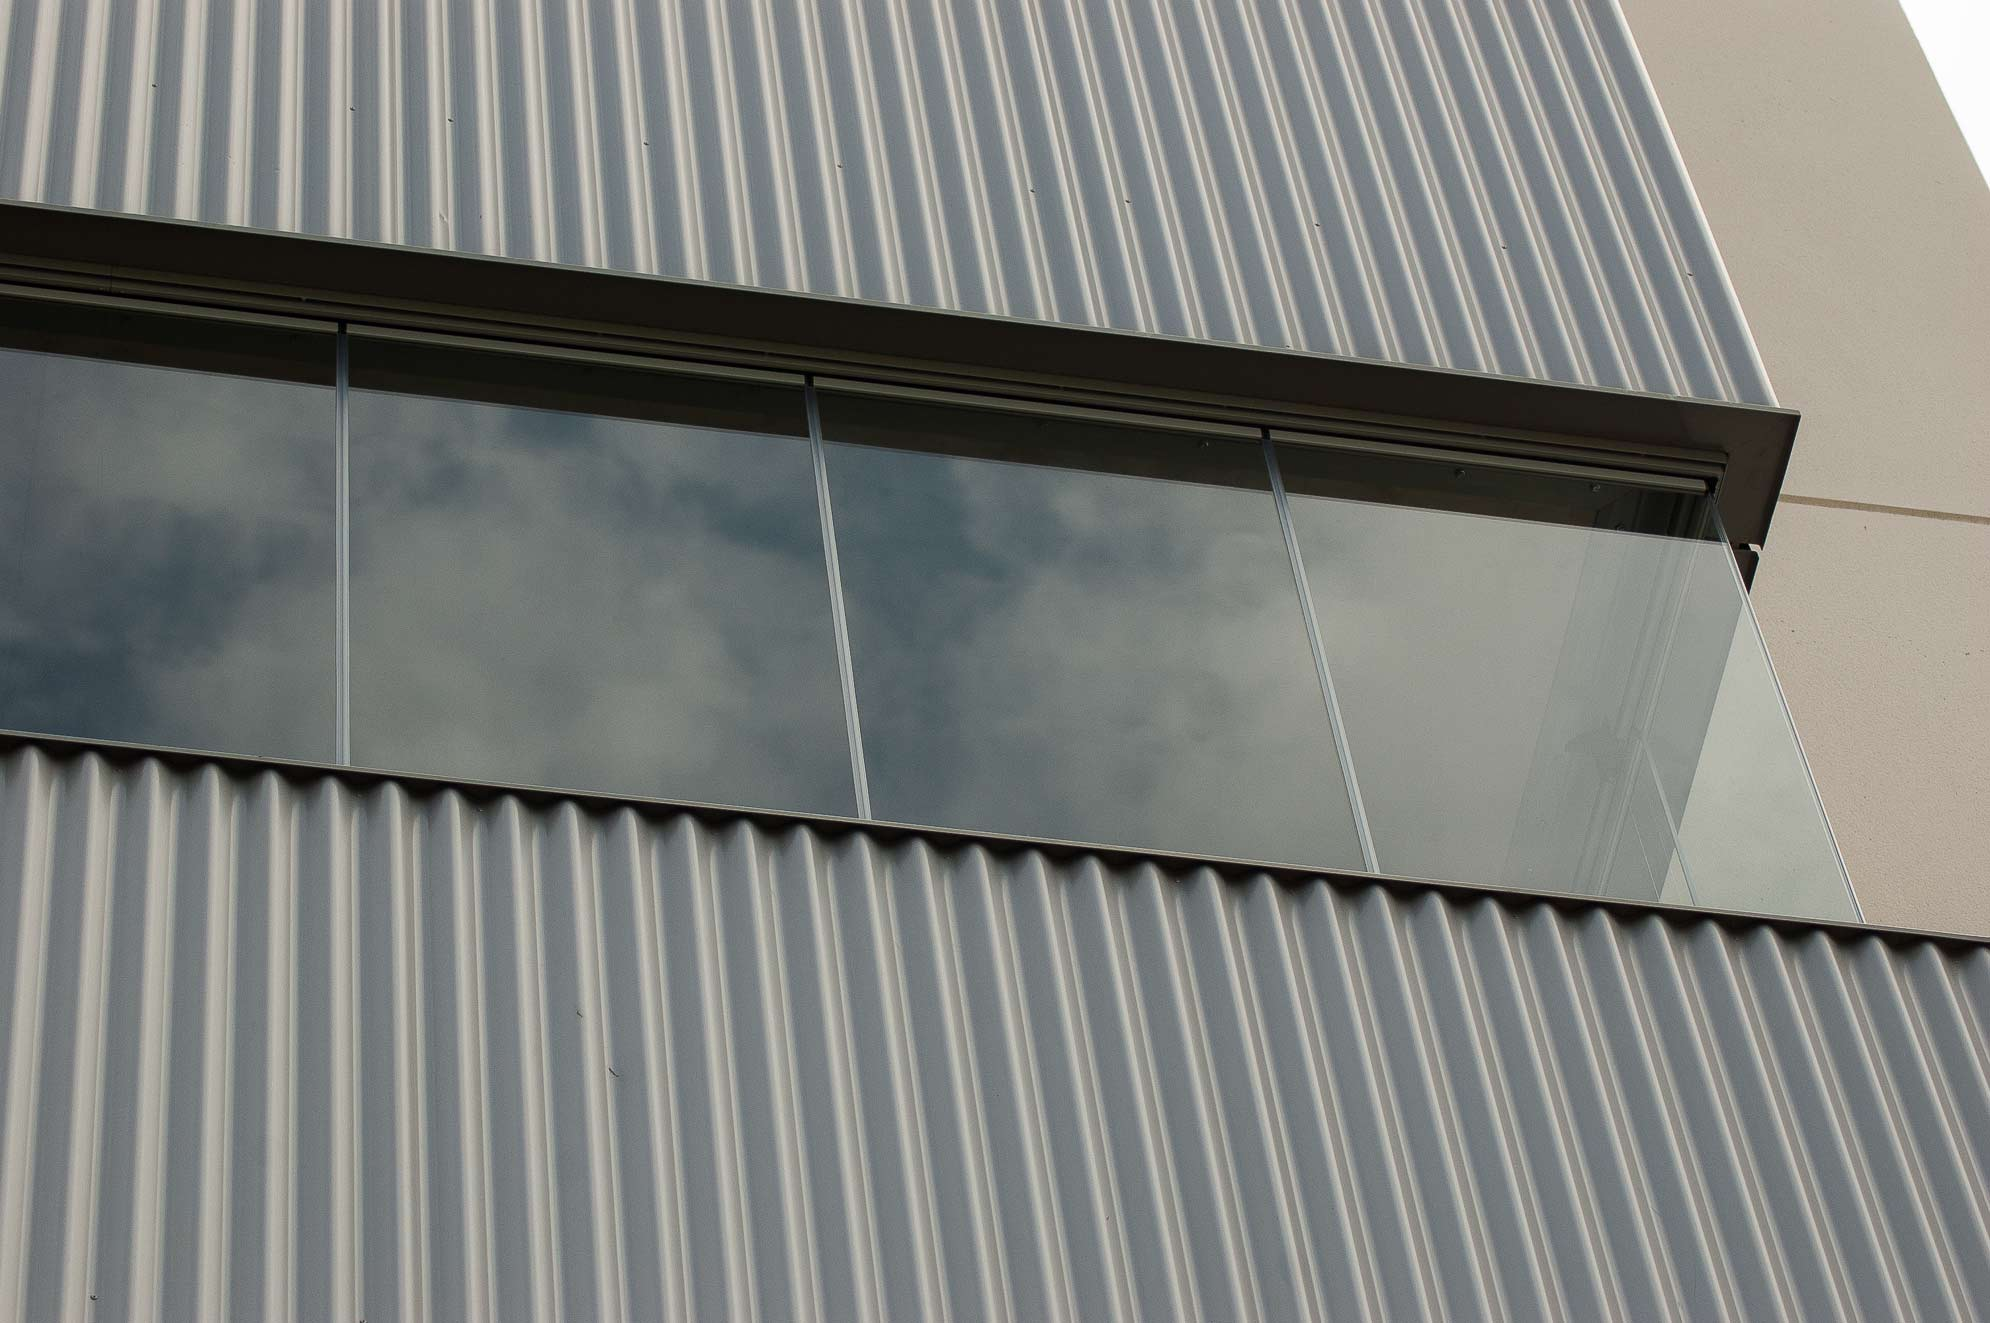 edificios-acristalados-lumon-5